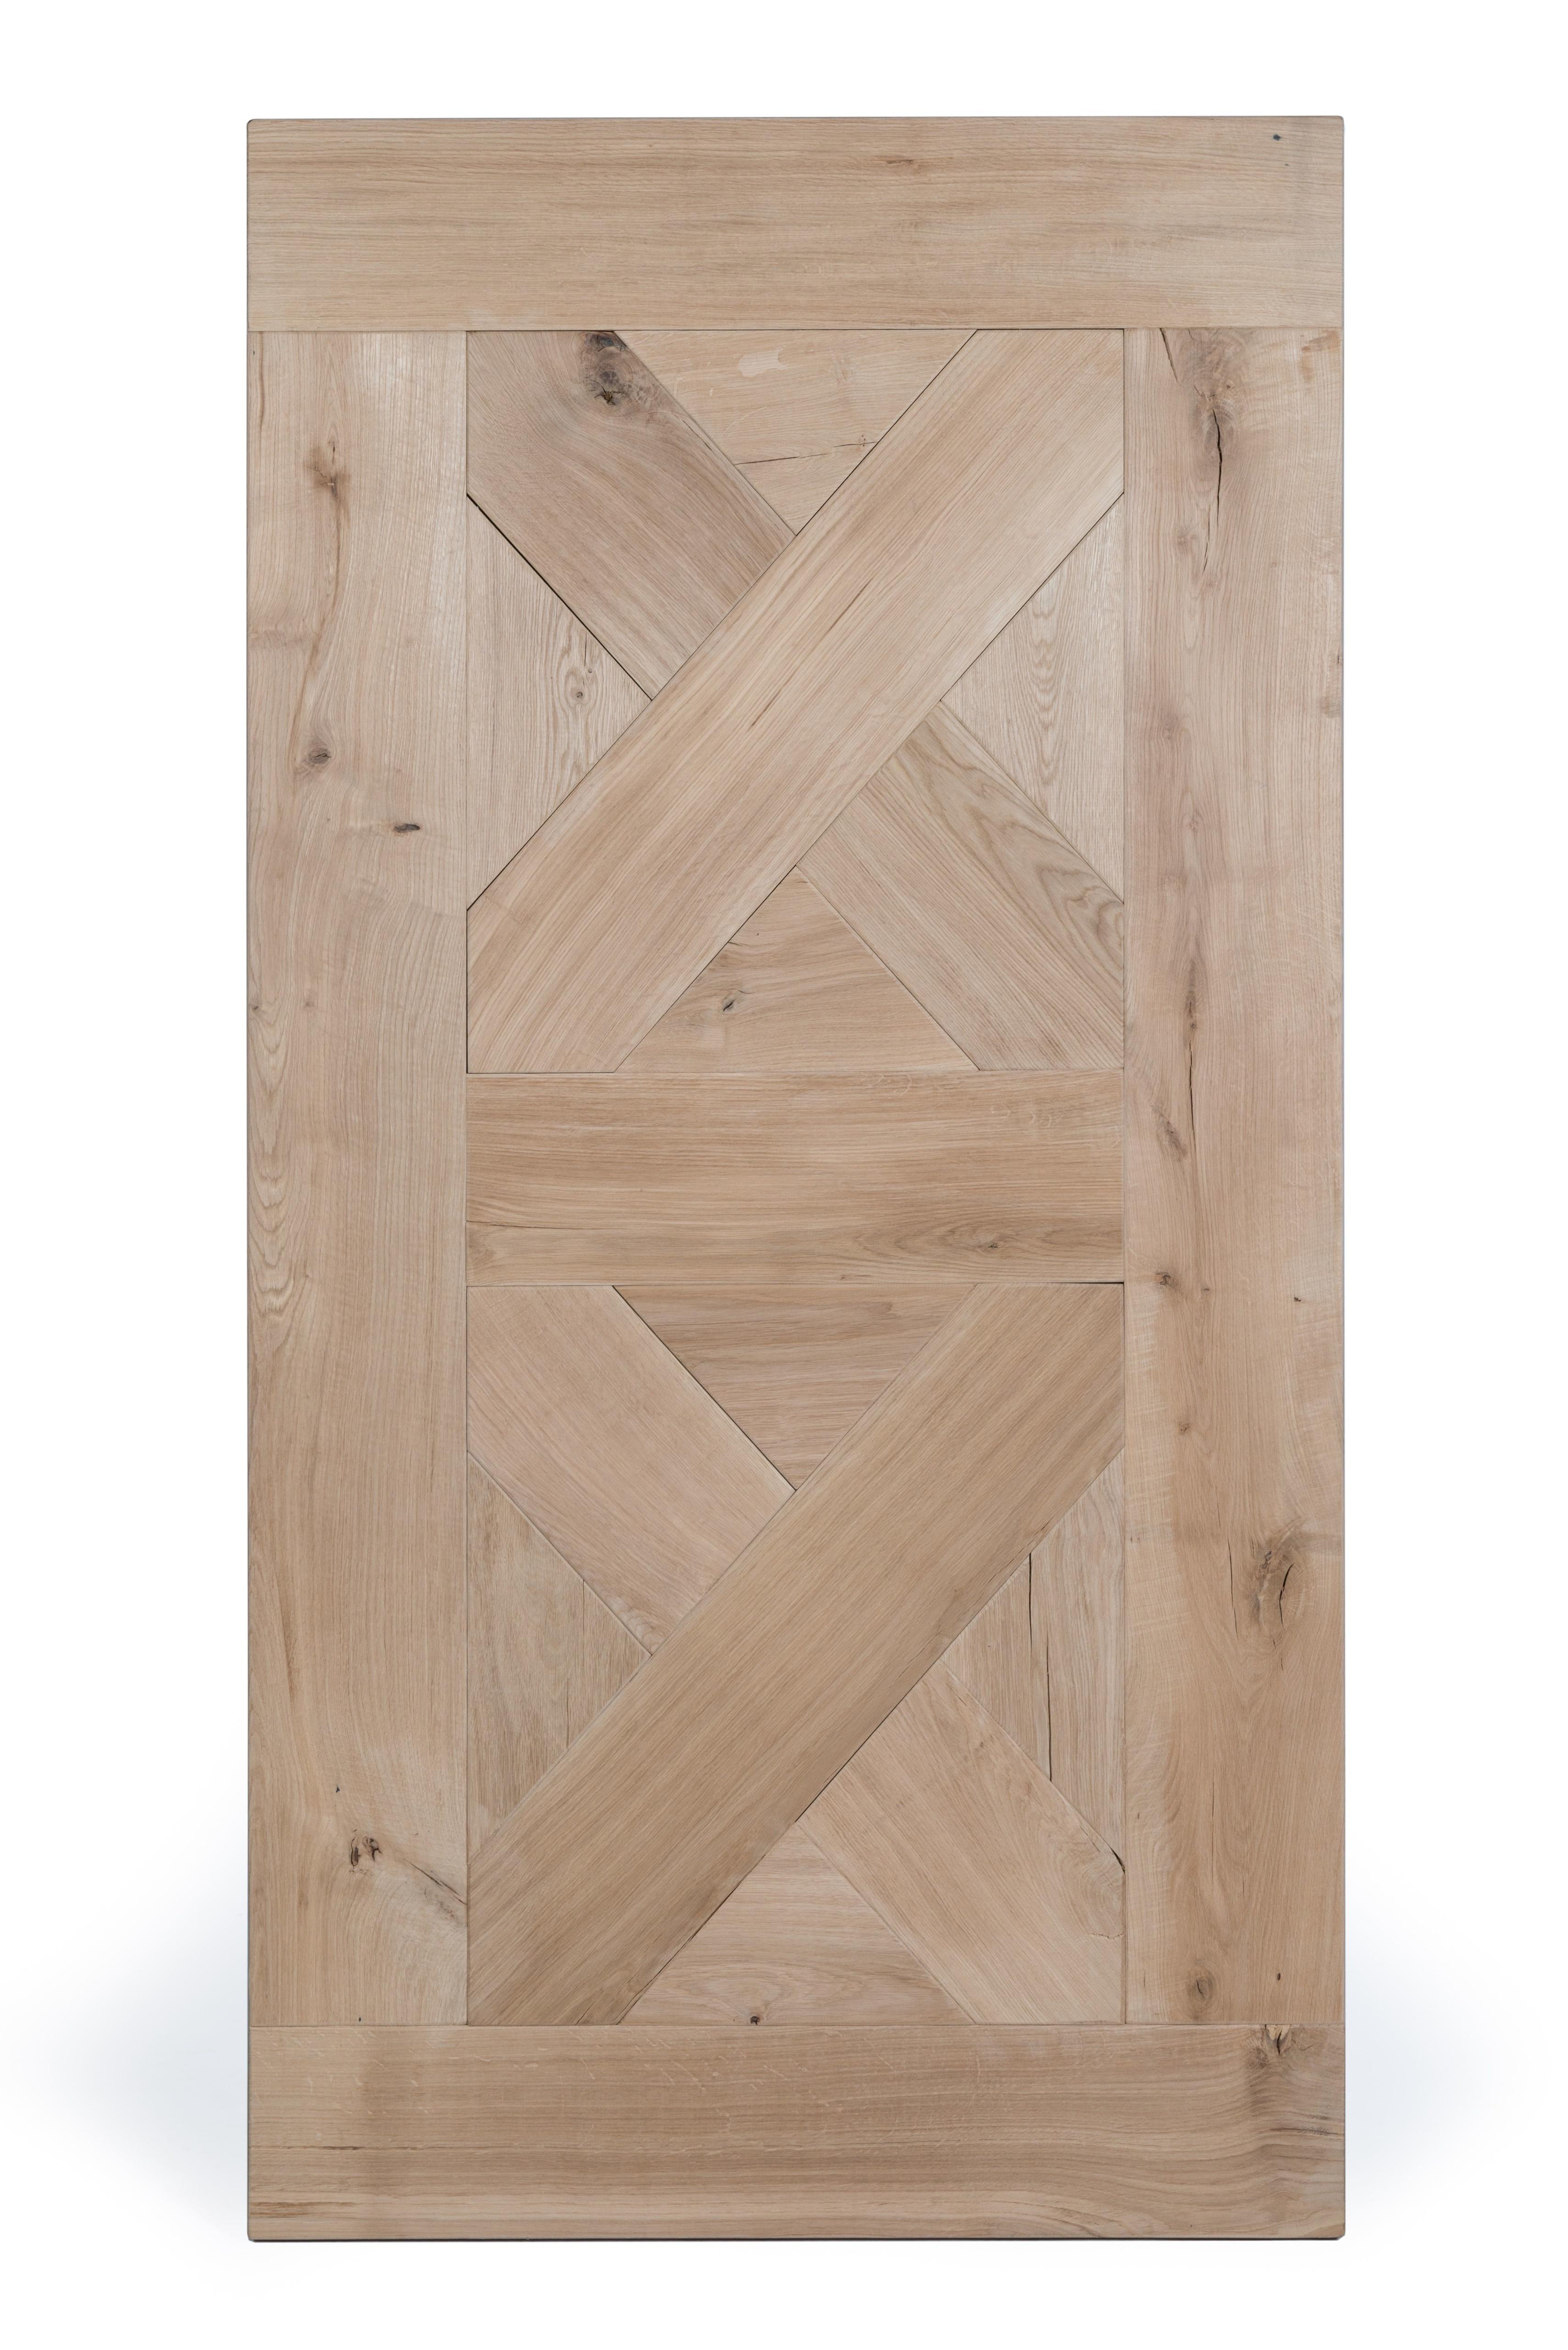 Tischplatte Wildeiche speziell - 4,5 cm dick -  verschiedene Größen - Asteiche (rustikal) - Gebürstet mit V-fugen - Eiche Tischplatte - Verleimt & künstlich getrocknet (HF 8-12%)